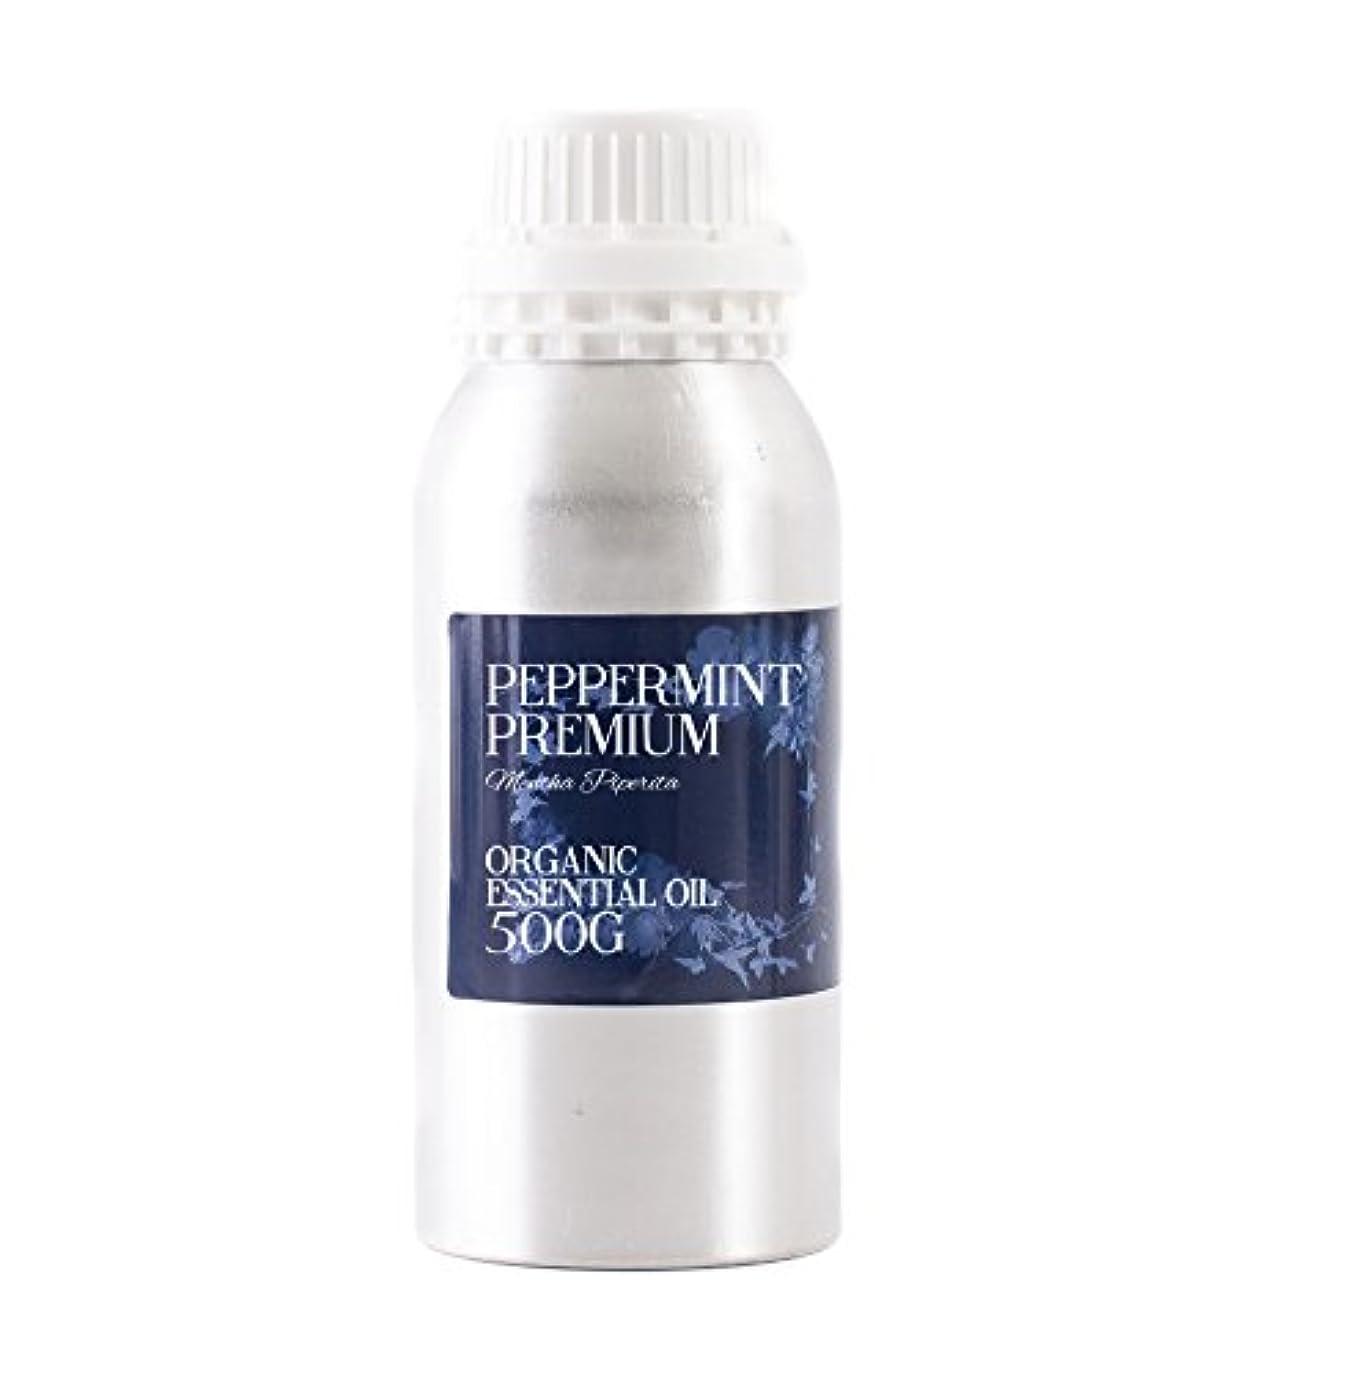 臨検引く軍団Mystic Moments | Peppermint Premium Organic Essential Oil - 500g - 100% Pure